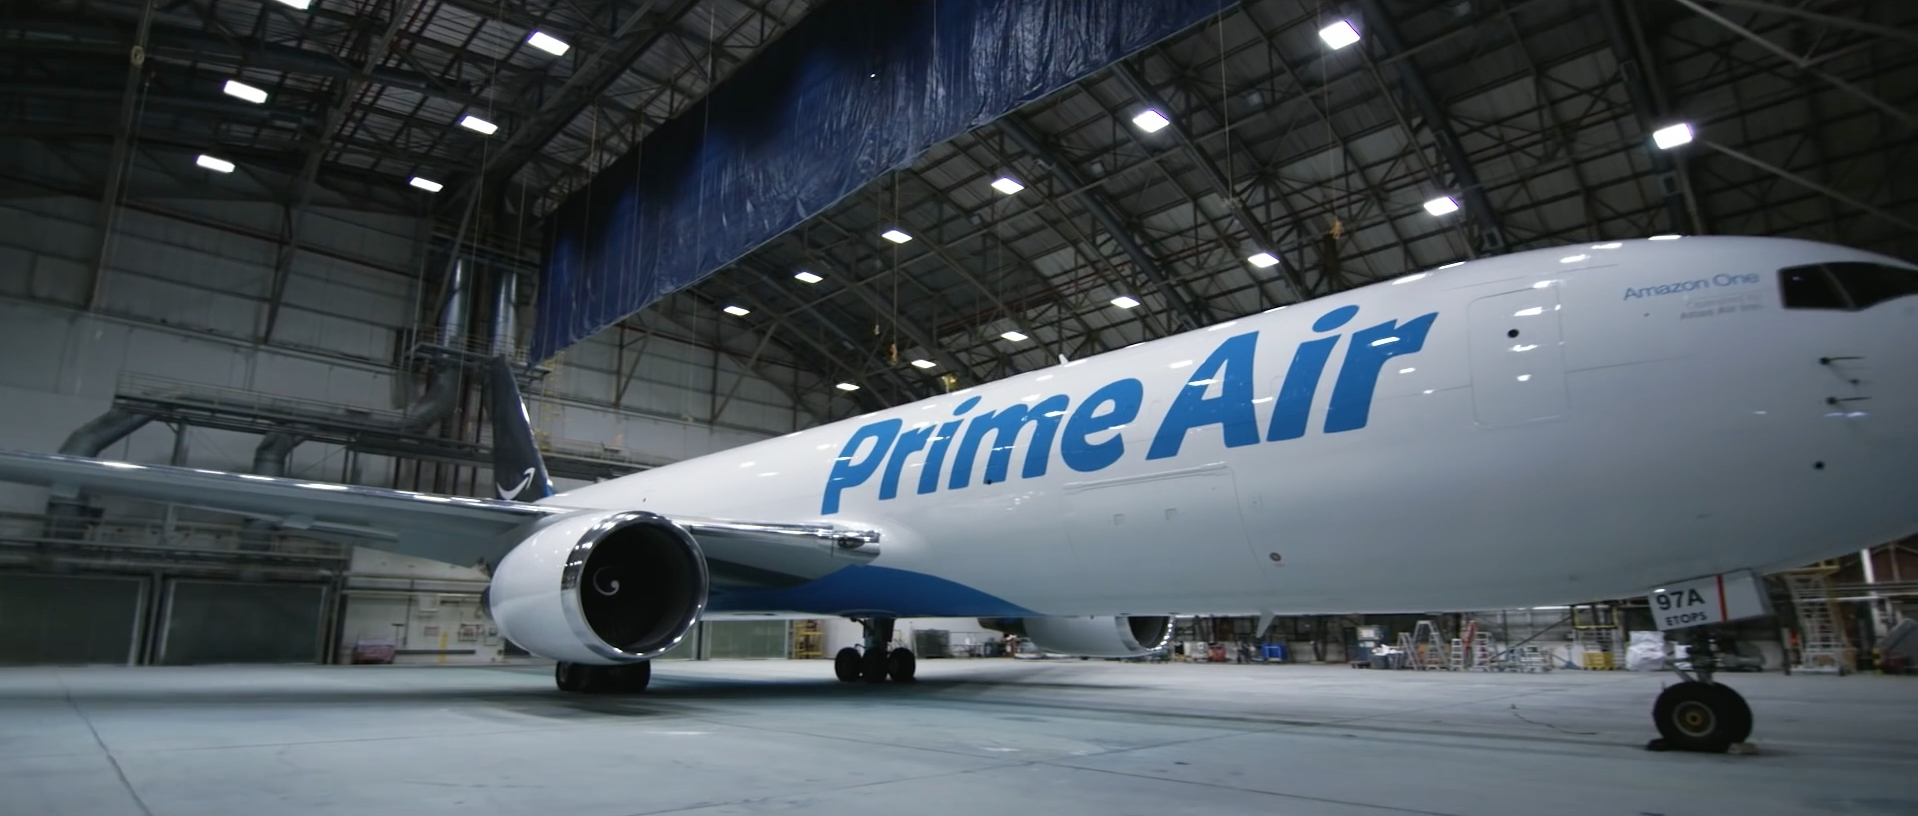 """""""Prime Air"""" – Amazons Flugzeuglinie"""